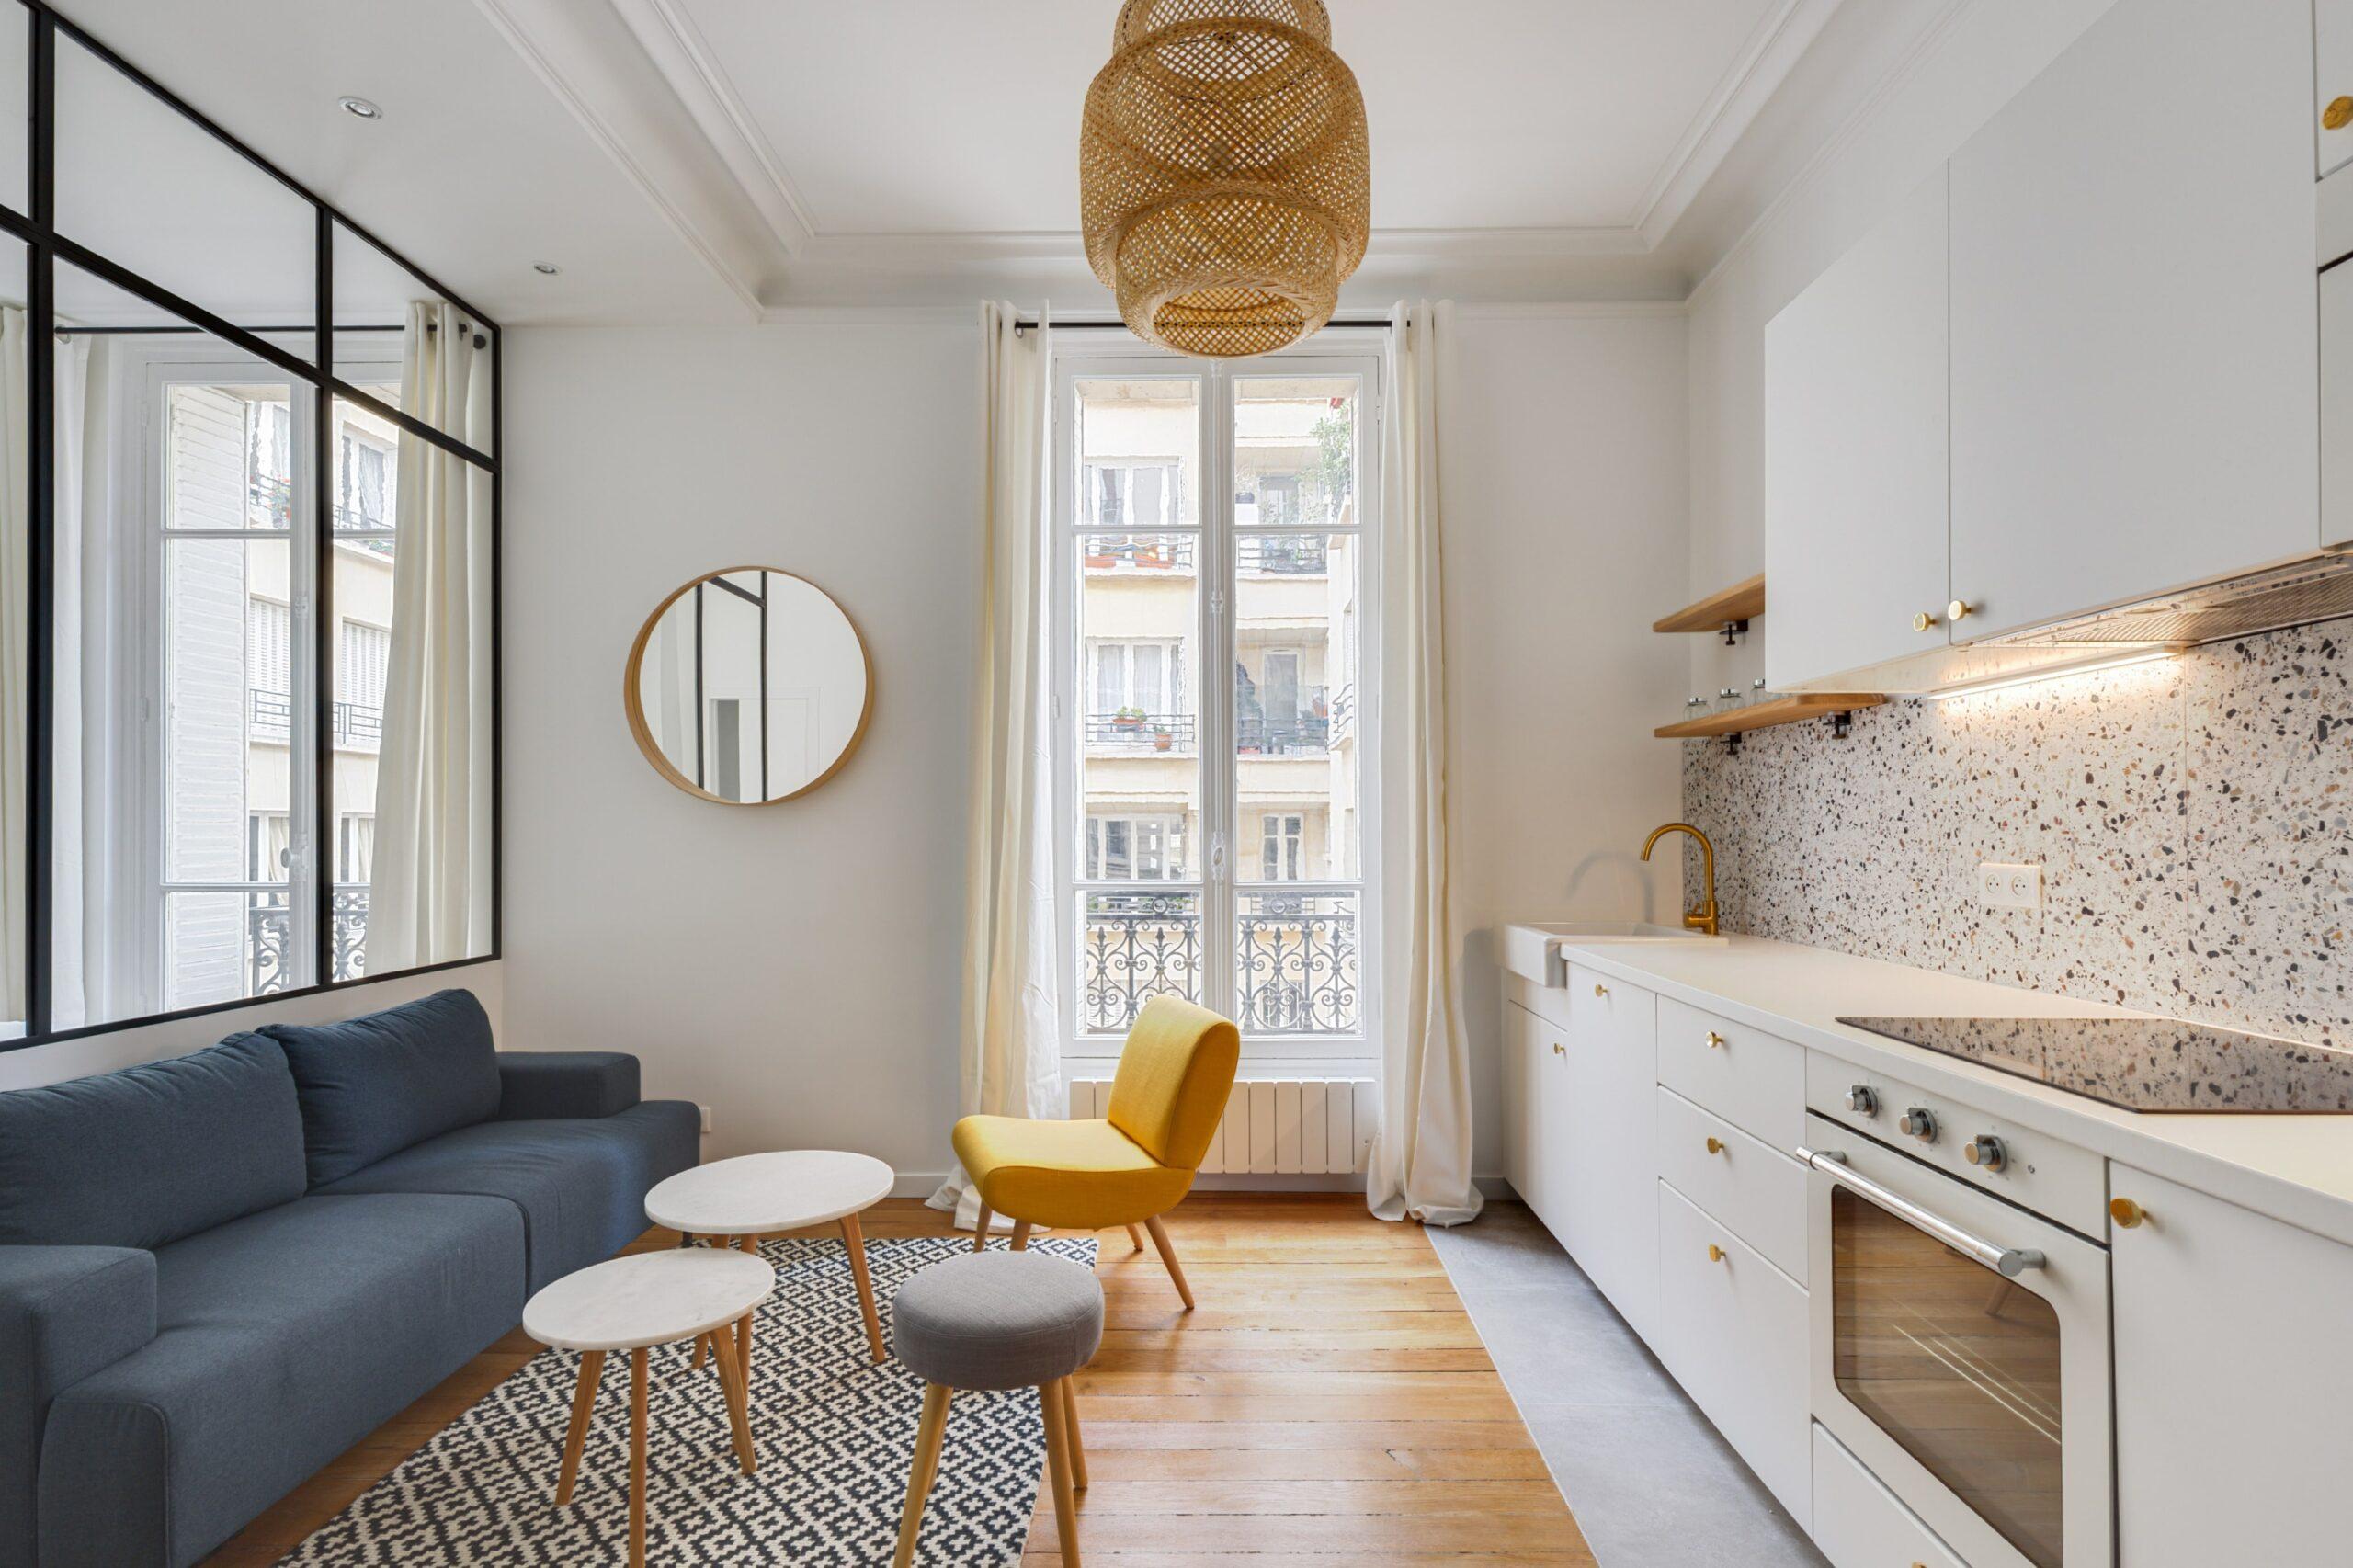 villa-poirier-paris-15-renovation-appartement-architecture-interieur-favresse-architectes-02-min